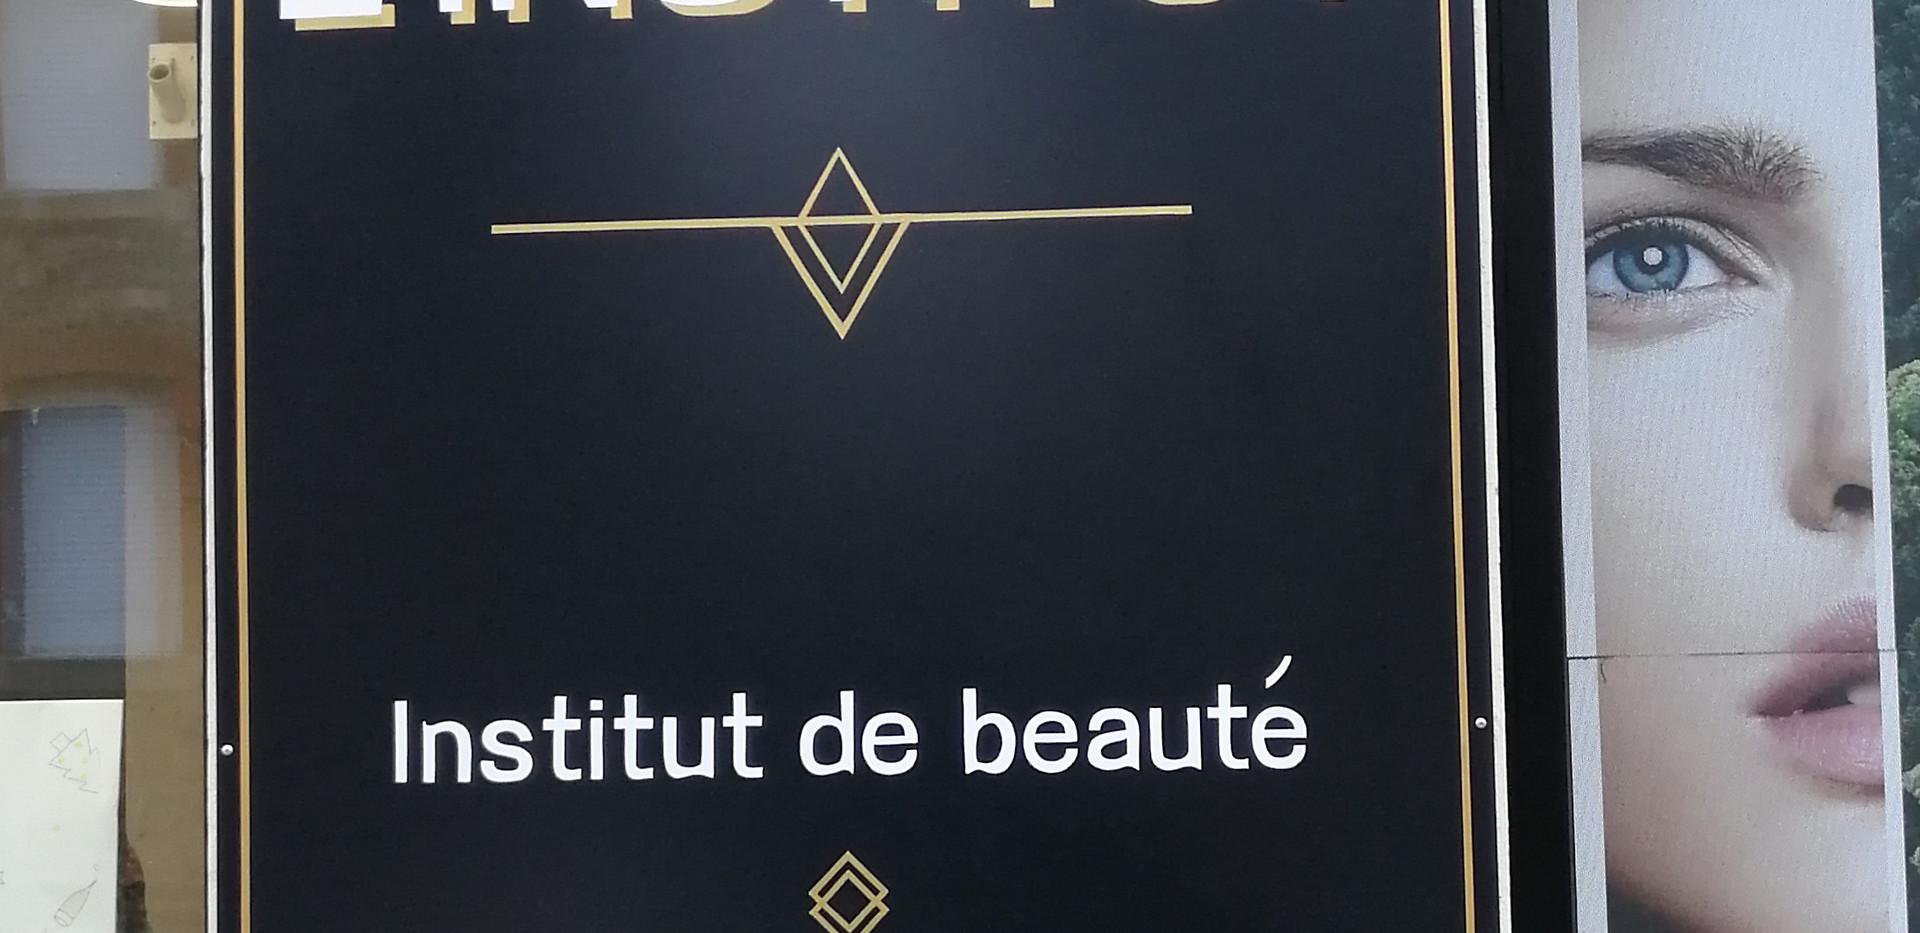 L'institut - enseigne et lettres peintes à la main - Adelles.jpg